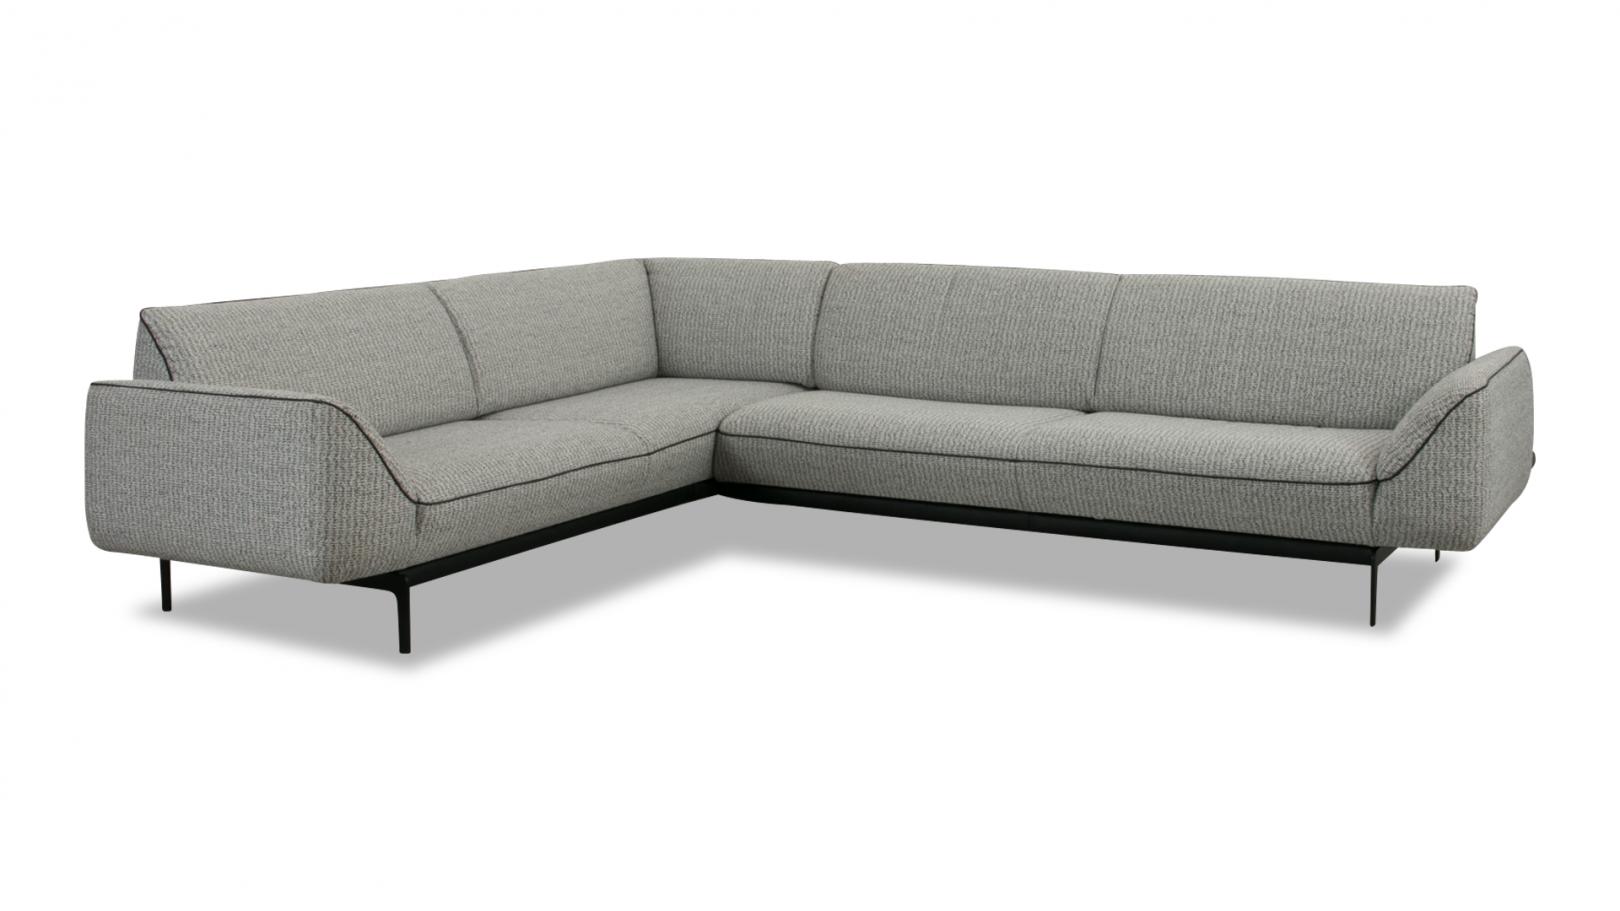 Sitzdesign Markenmobel Sofa Innovation Schlafsofa Sofa Outlet